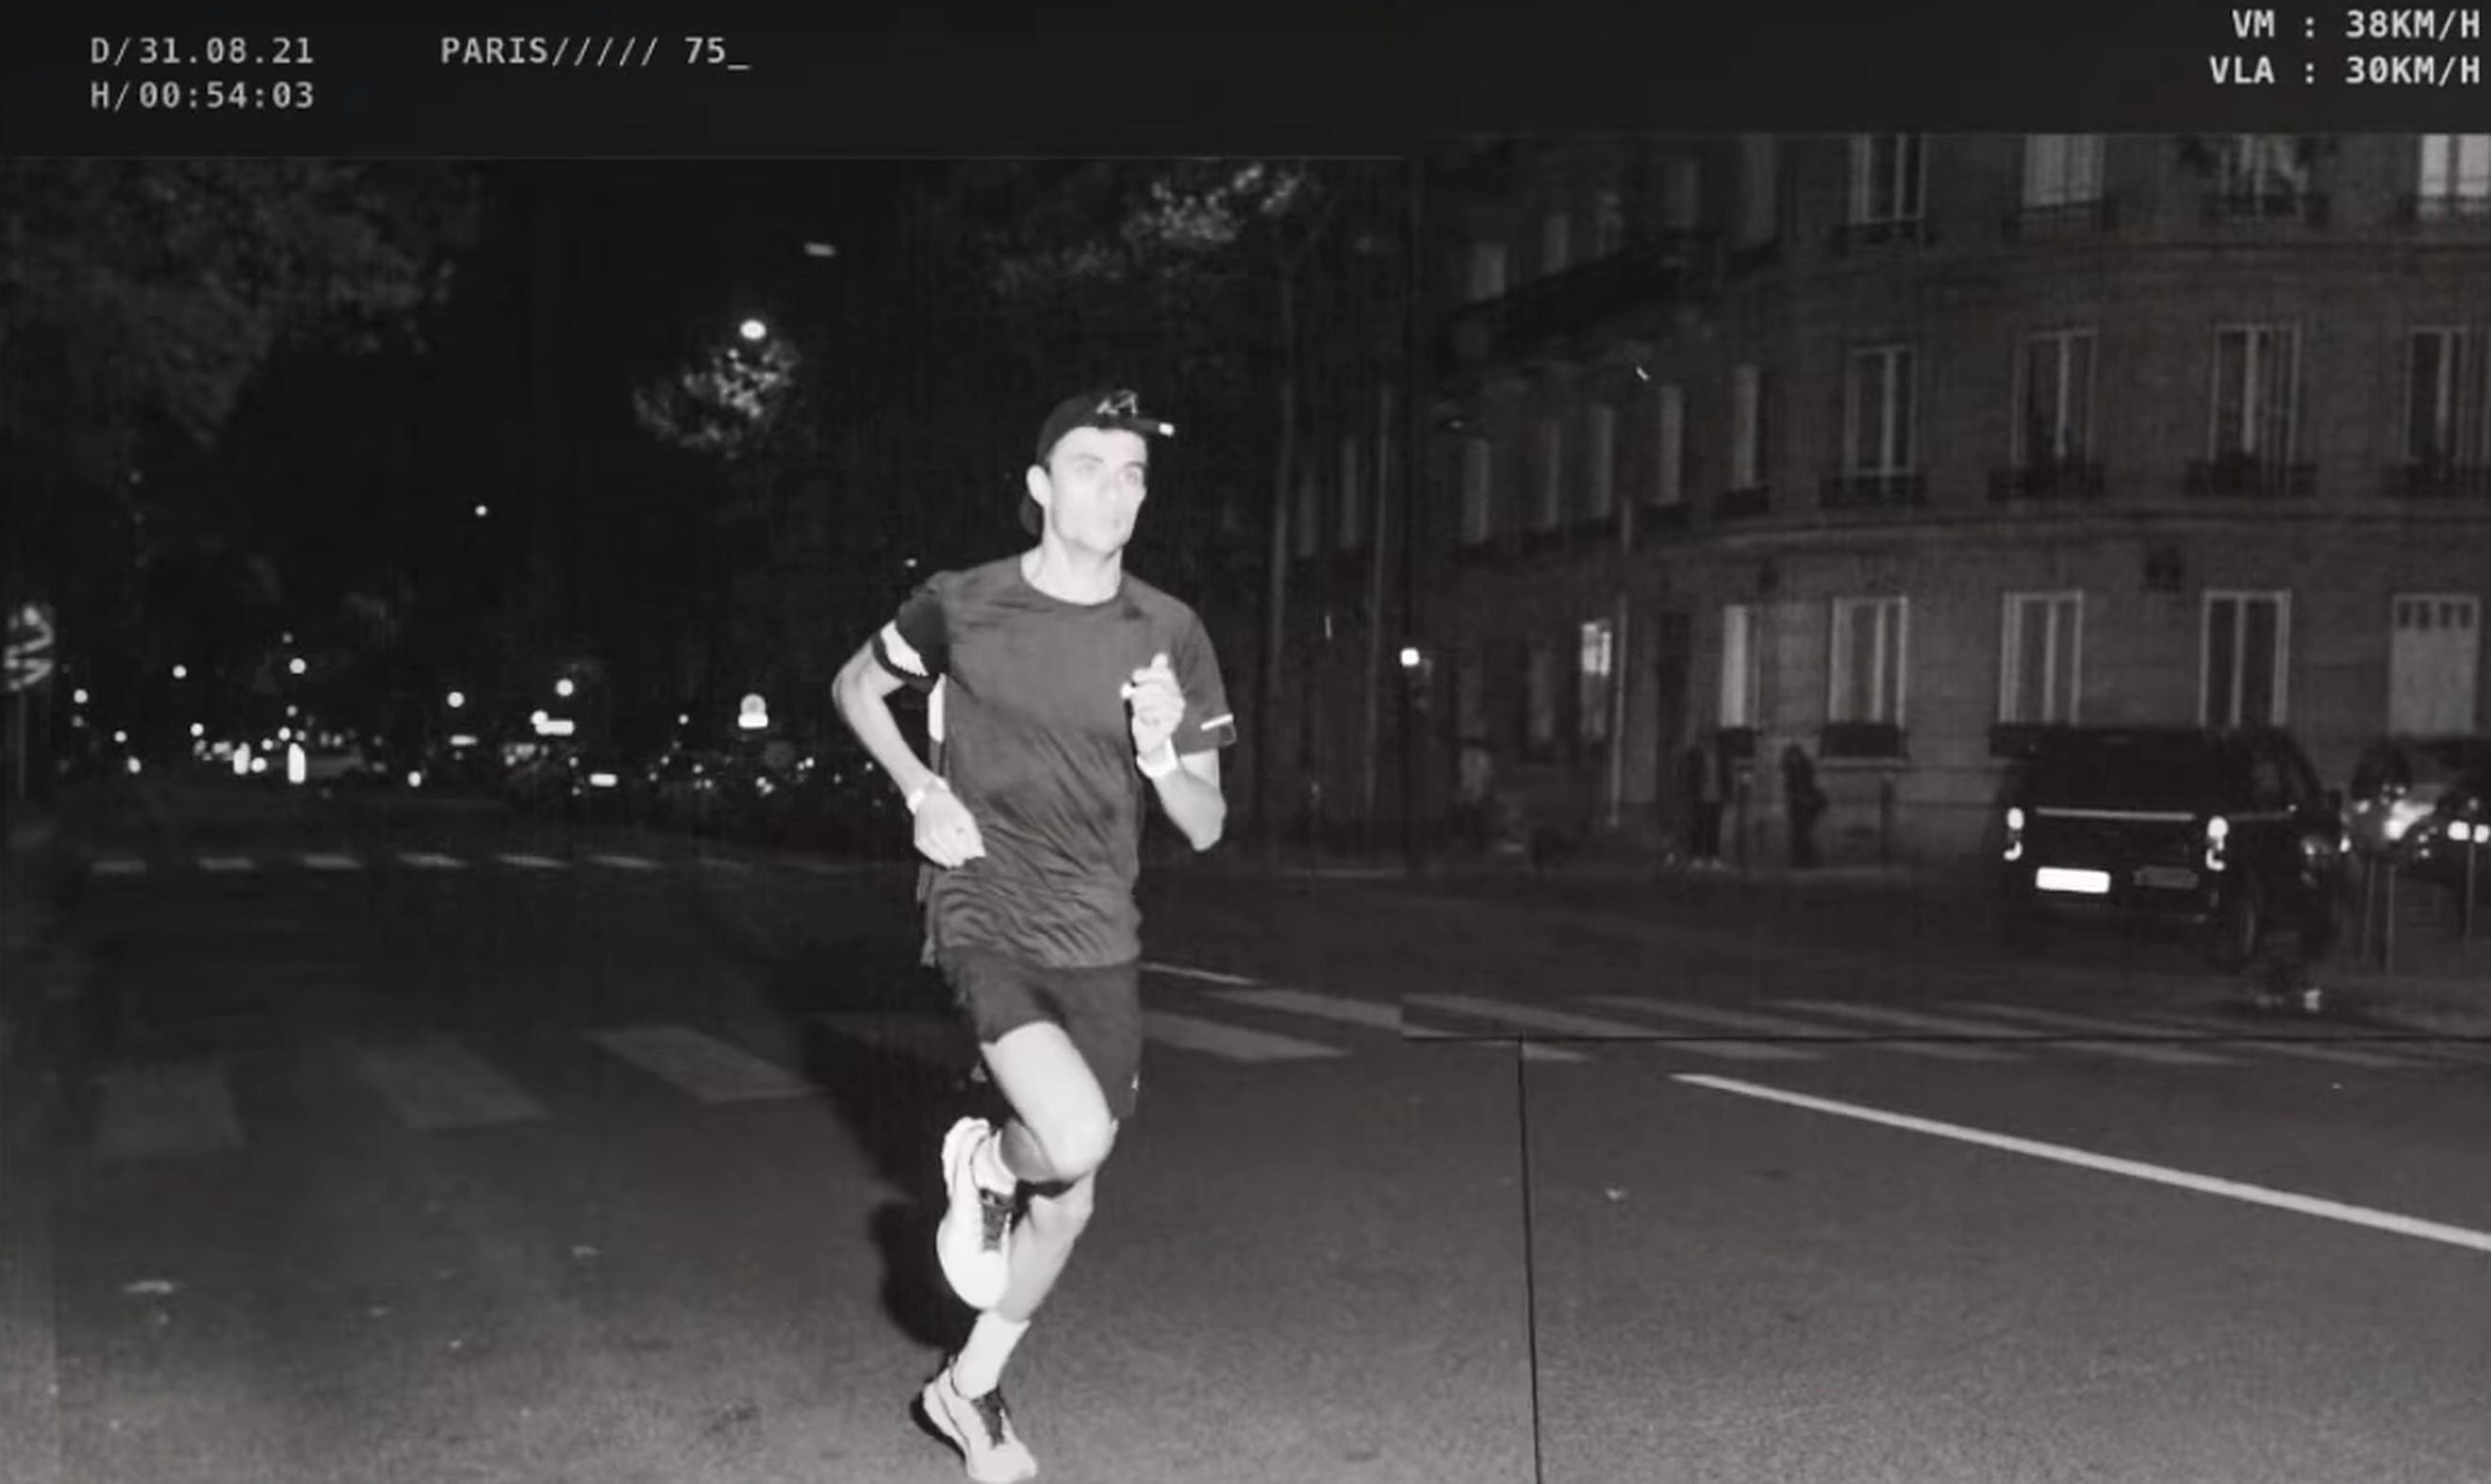 Paris| Alergătorii francezi declanșează radarele poliției, de când viteza legală pentru mașini a scăzut la 30 km/h